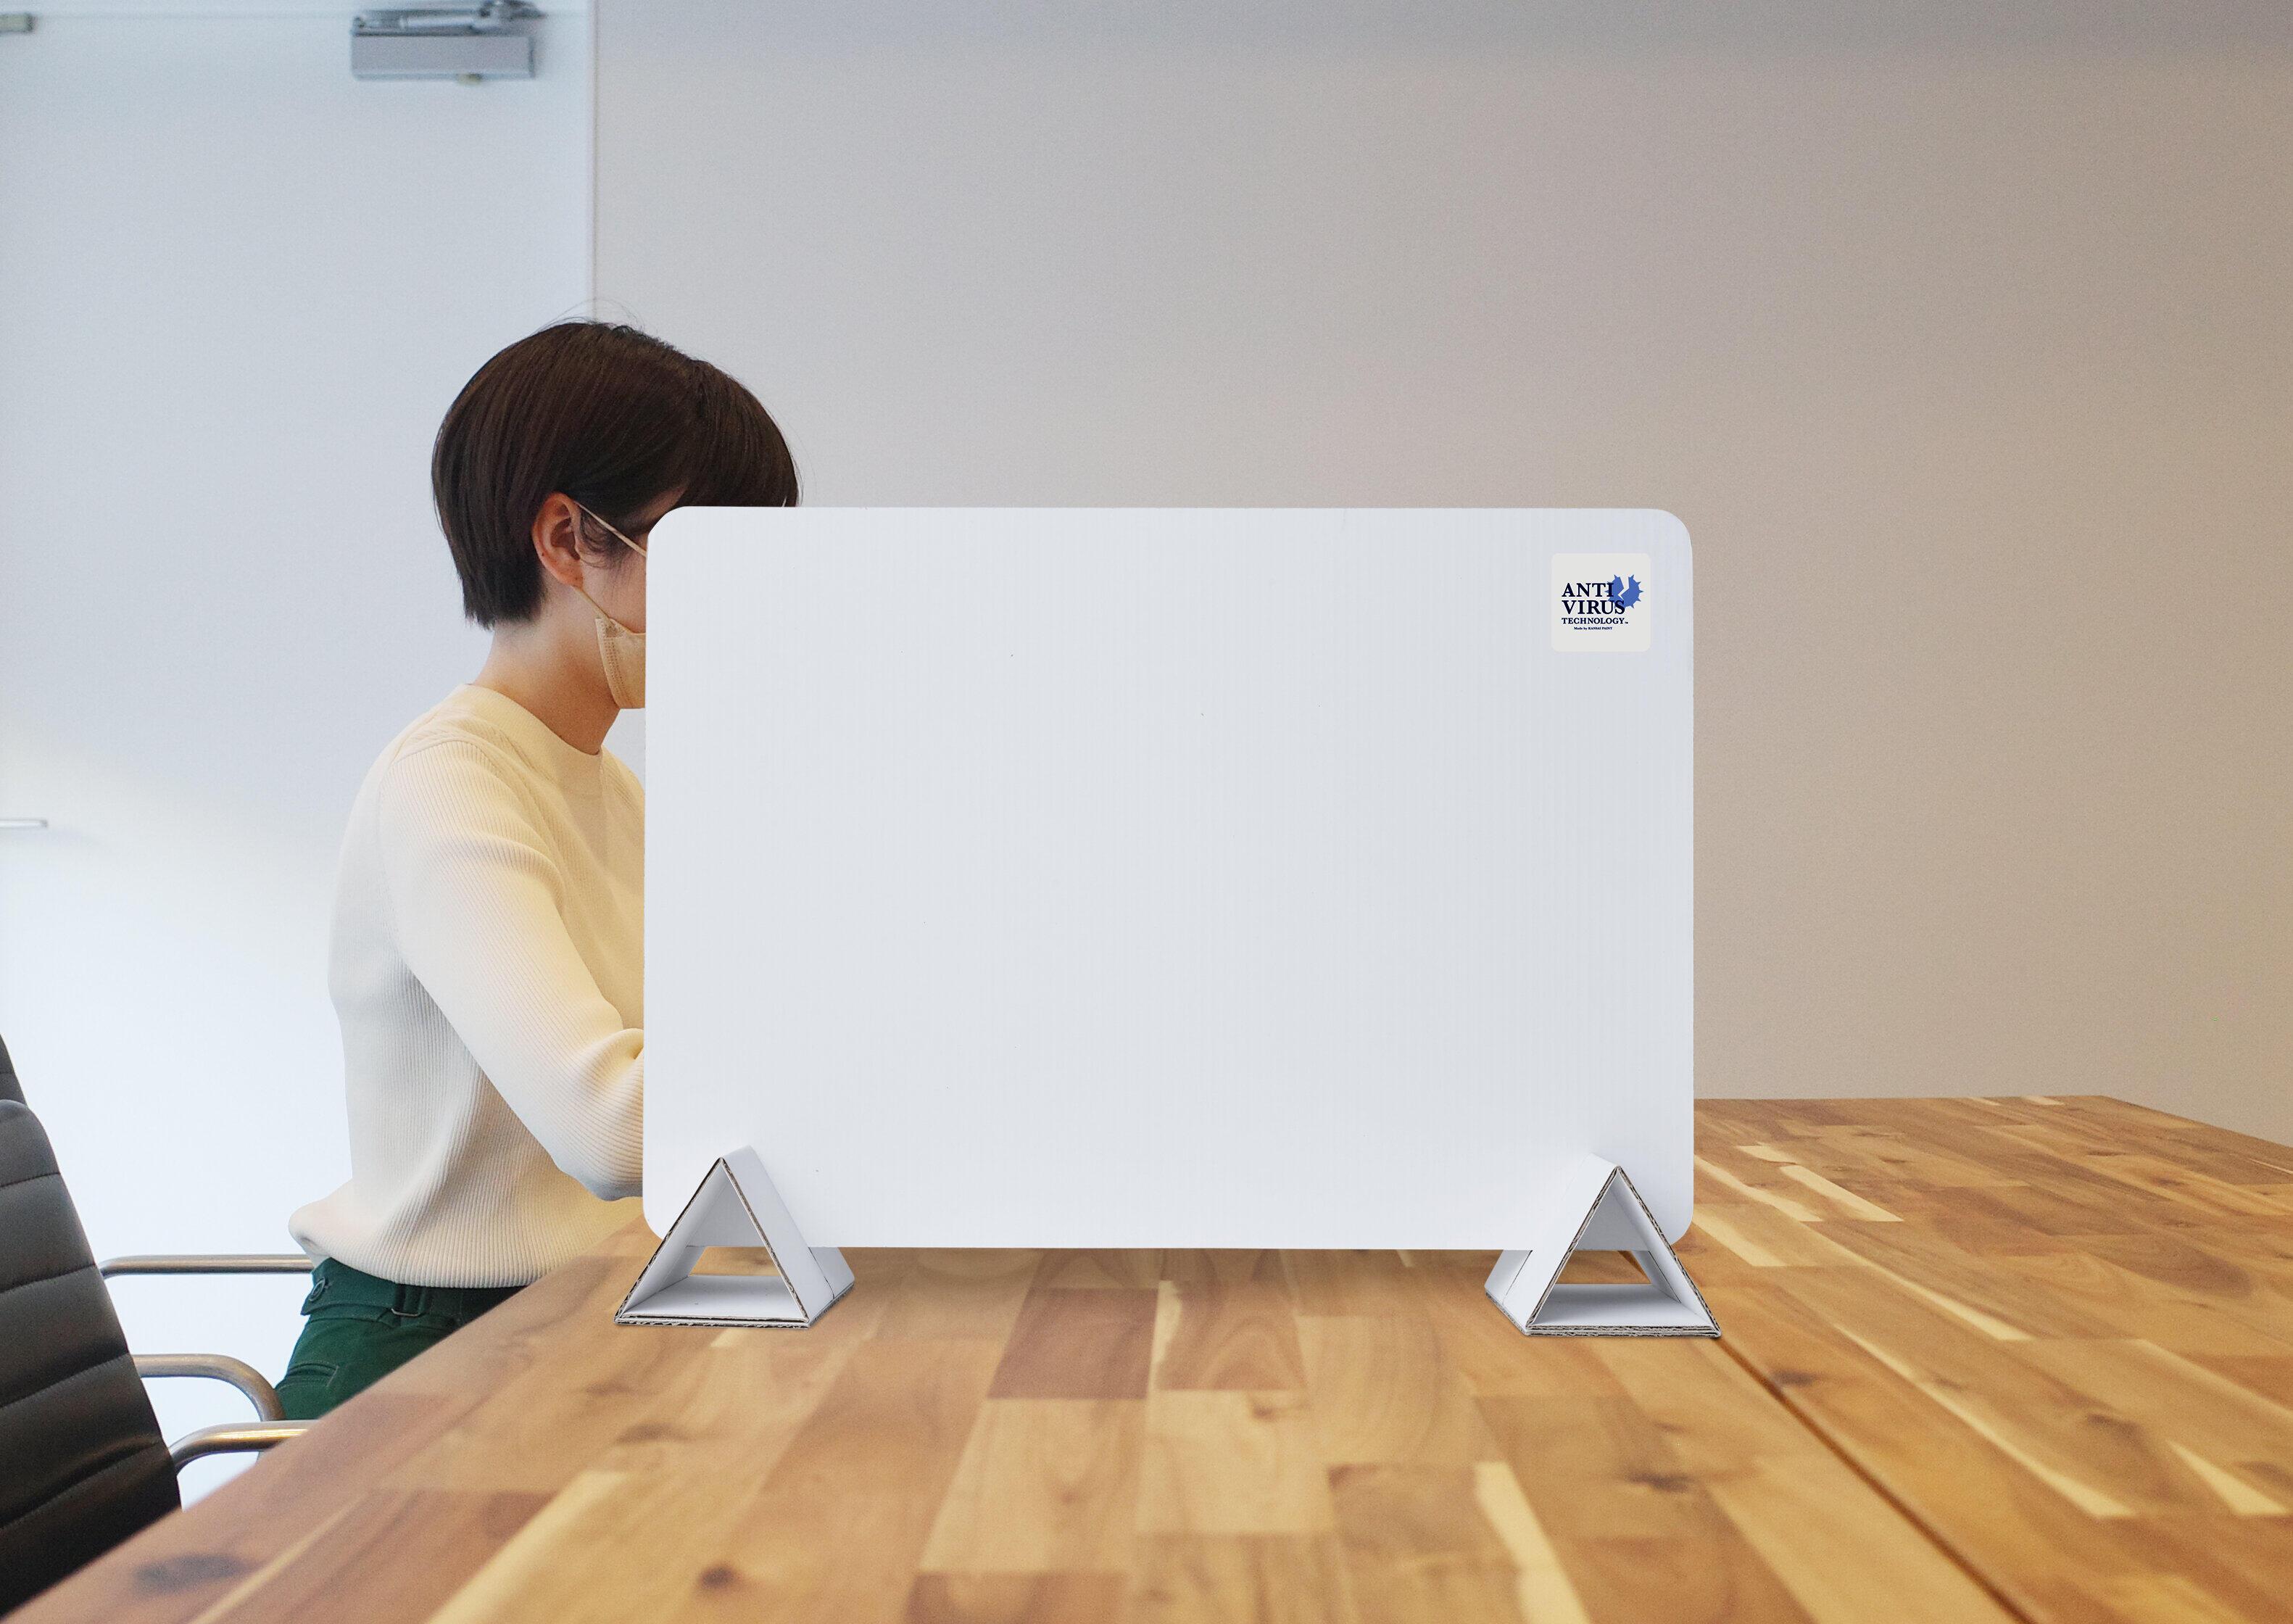 関西ペイントが抗ウイルス商材の新ブランドを立ち上げ 漆喰塗料活用の卓上ボードや床マット【コロナに勝つ!ニッポンの会社】